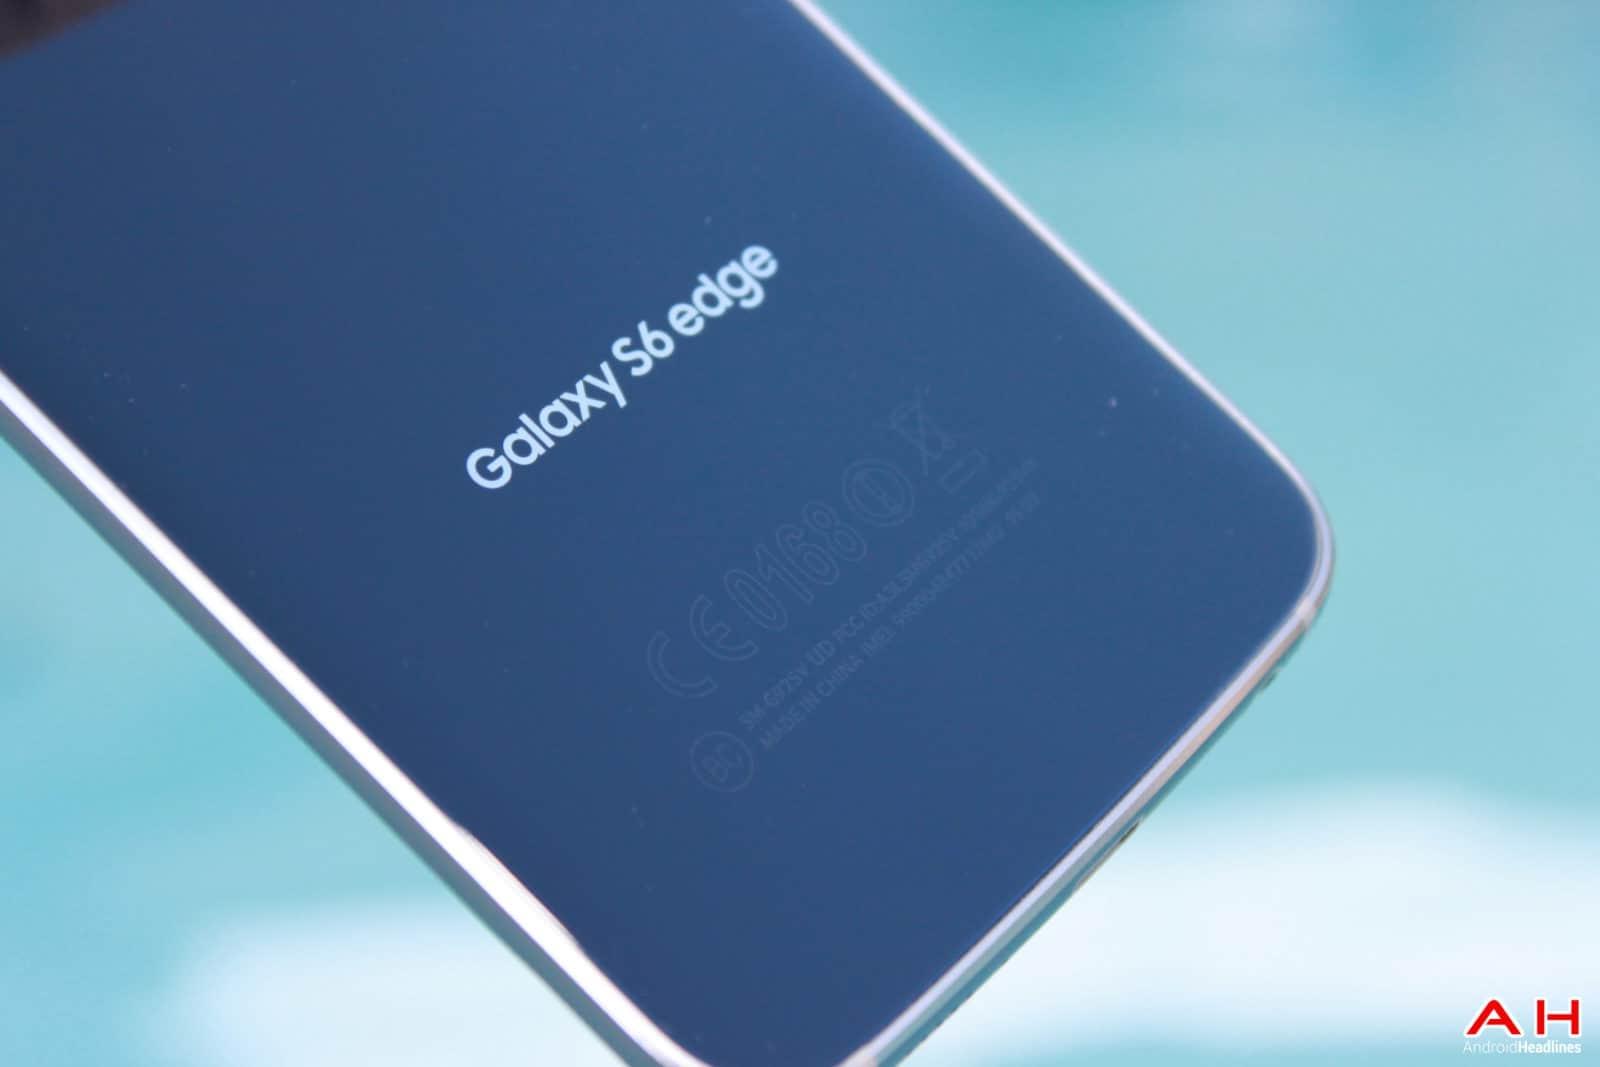 AH Samsung Galaxy S6 Edge Series 4 June 30th-29